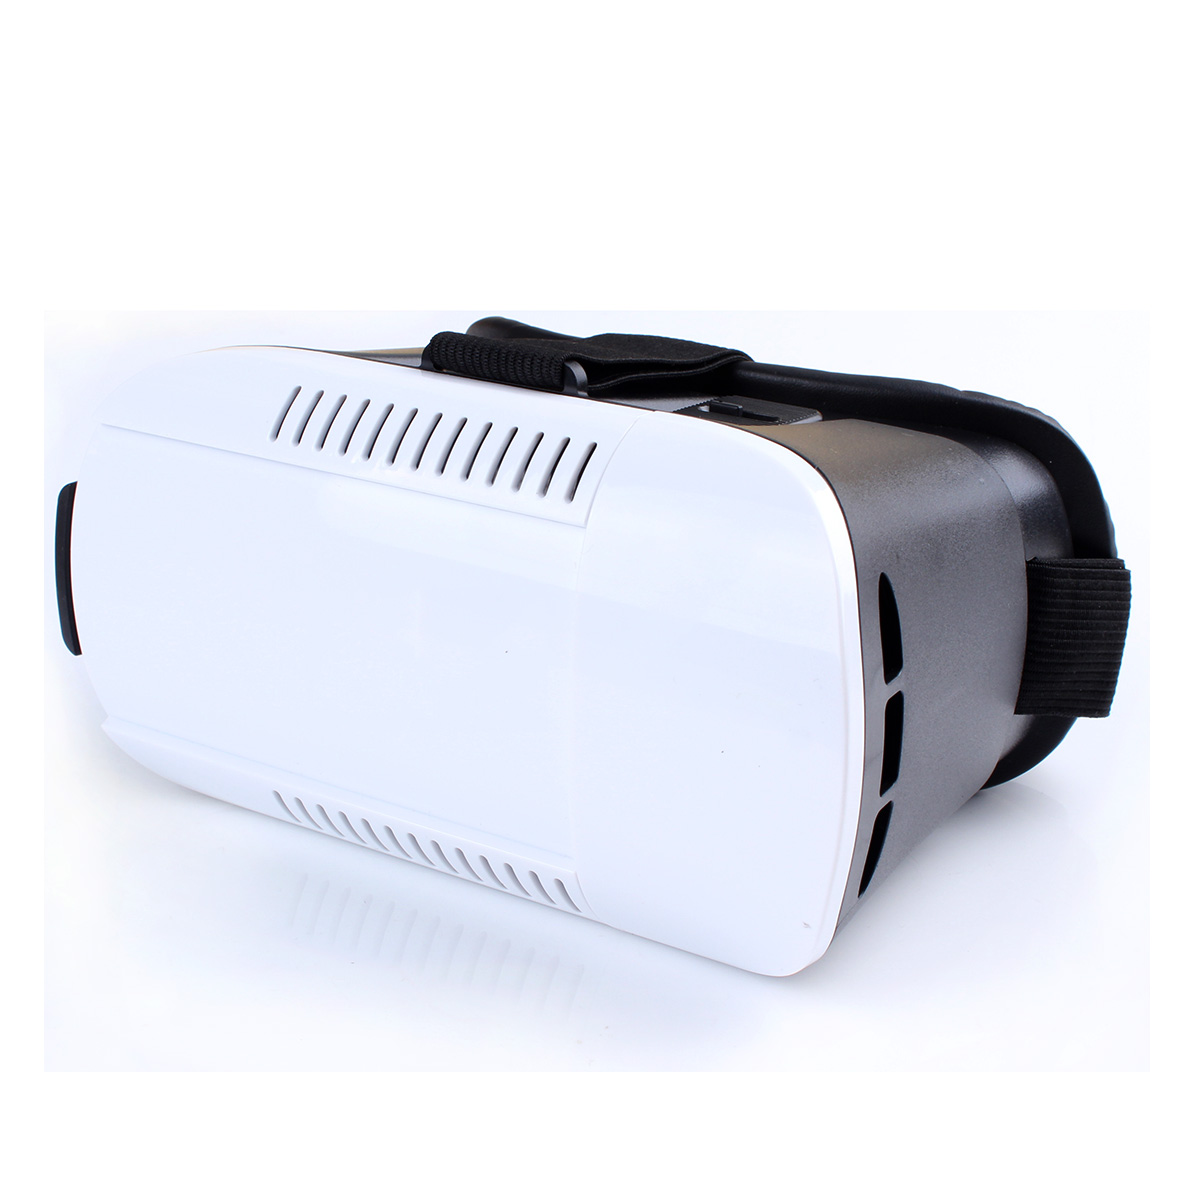 MyMei горячая 2016 google картон vr shinecon pro версия vr виртуальная реальность 3d очки смарт bluetooth беспроводной пульт дистанцион